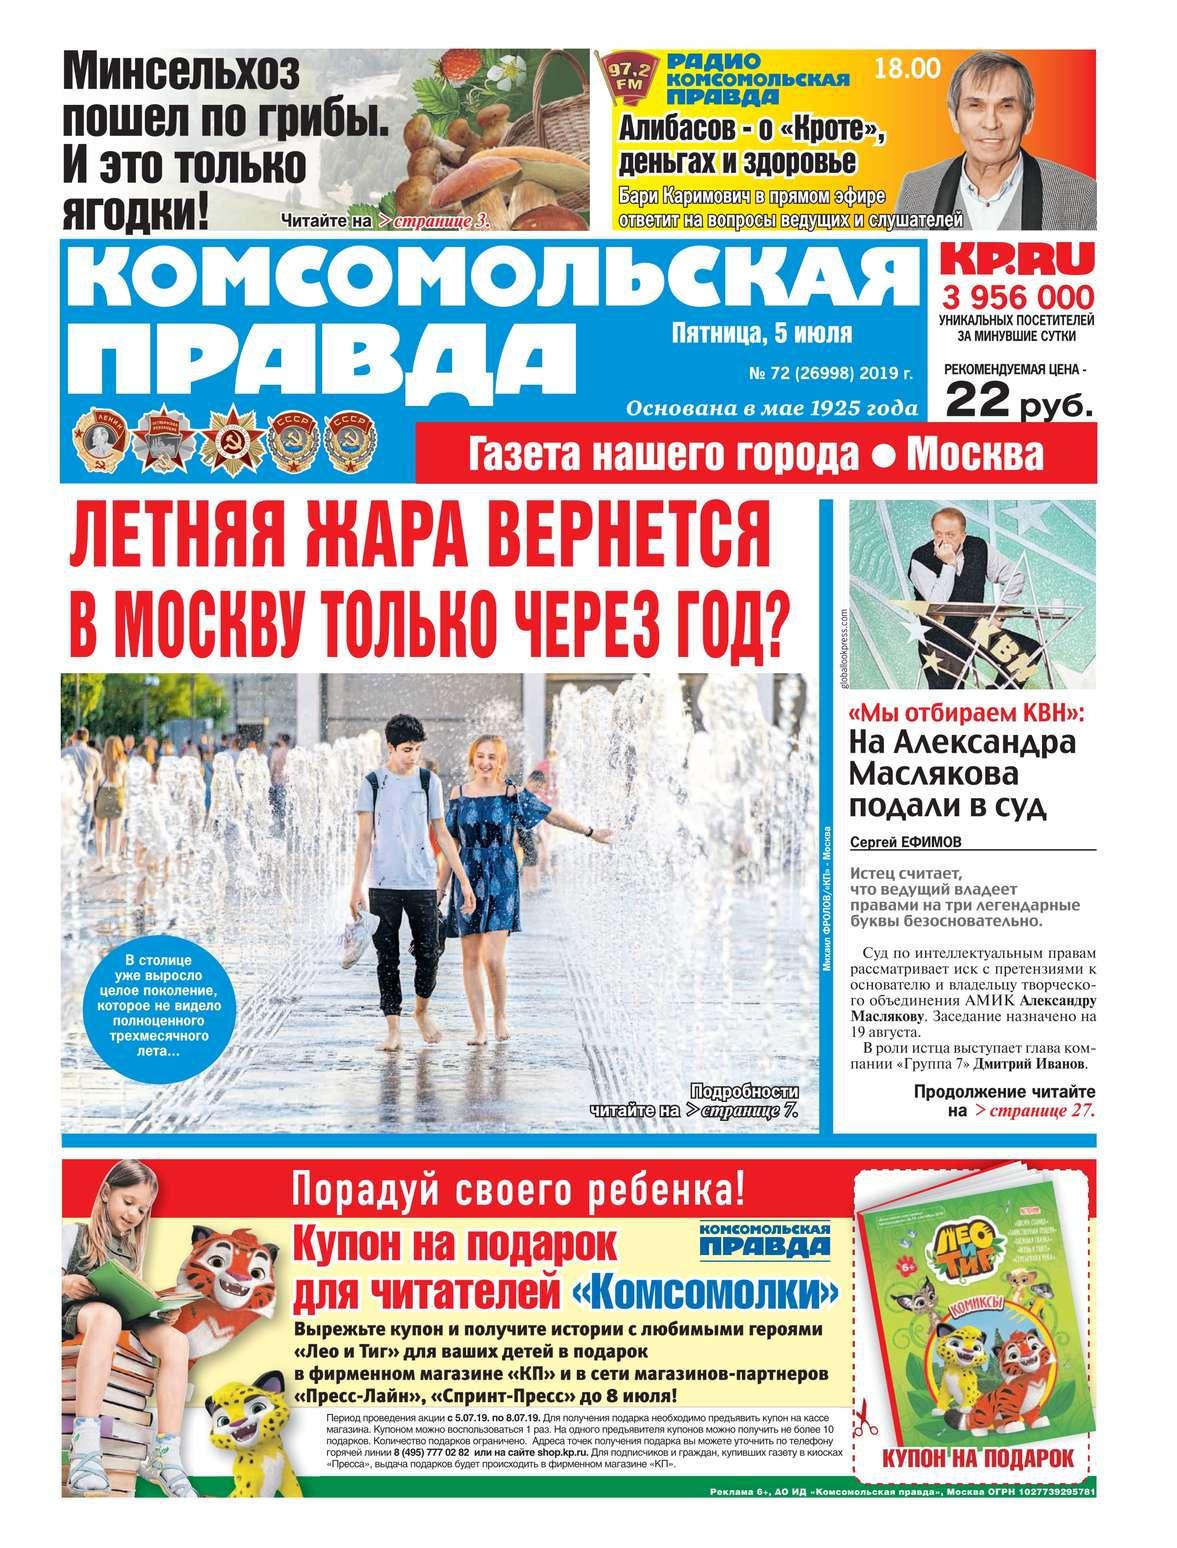 Комсомольская Правда. Москва 72-2019